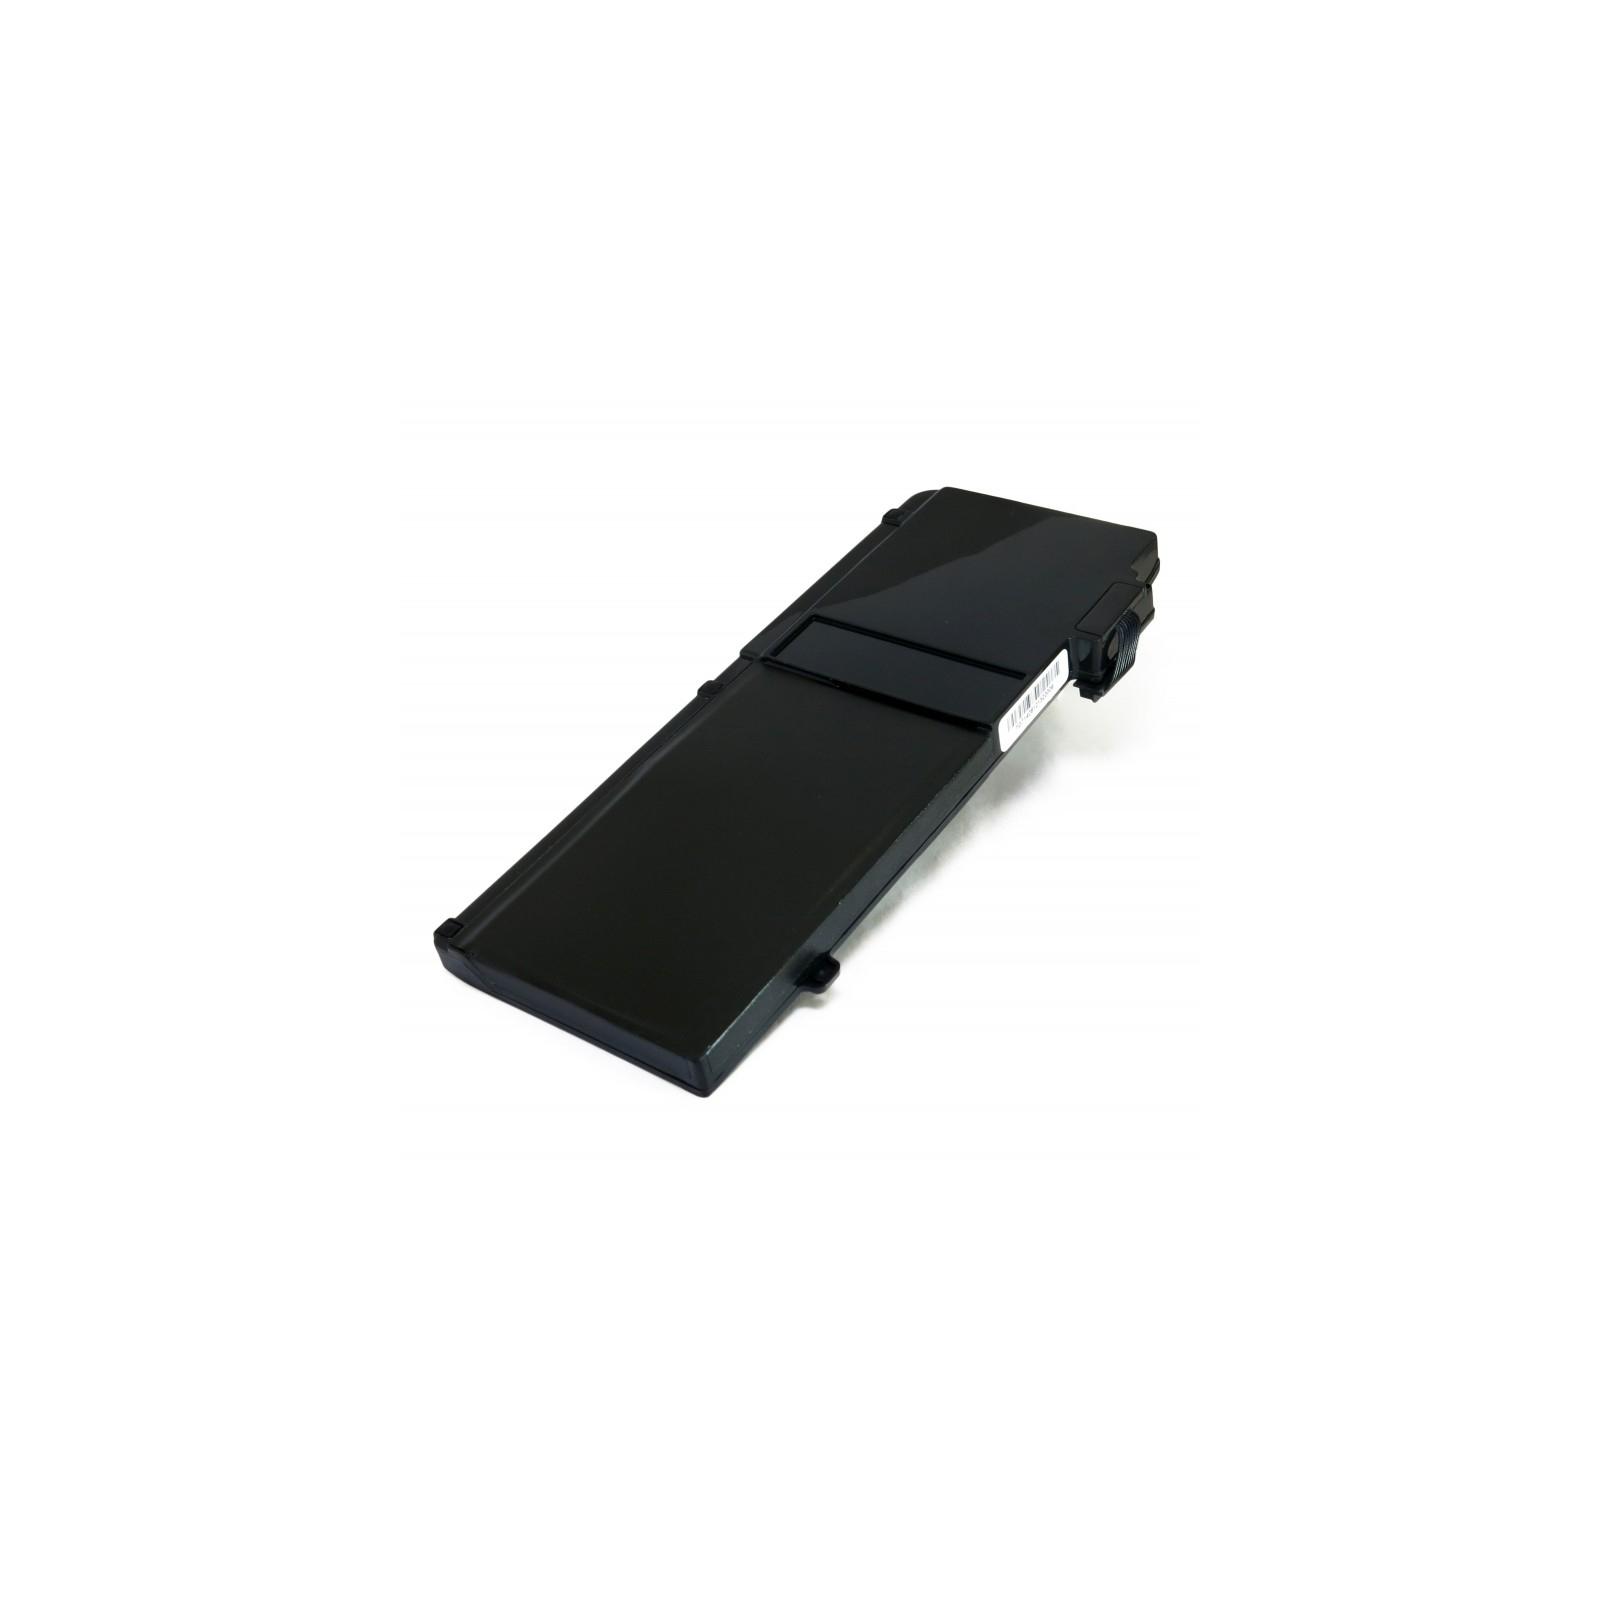 Аккумулятор для ноутбука APPLE A1322 (5800 mAh) EXTRADIGITAL (BNA3905) изображение 5